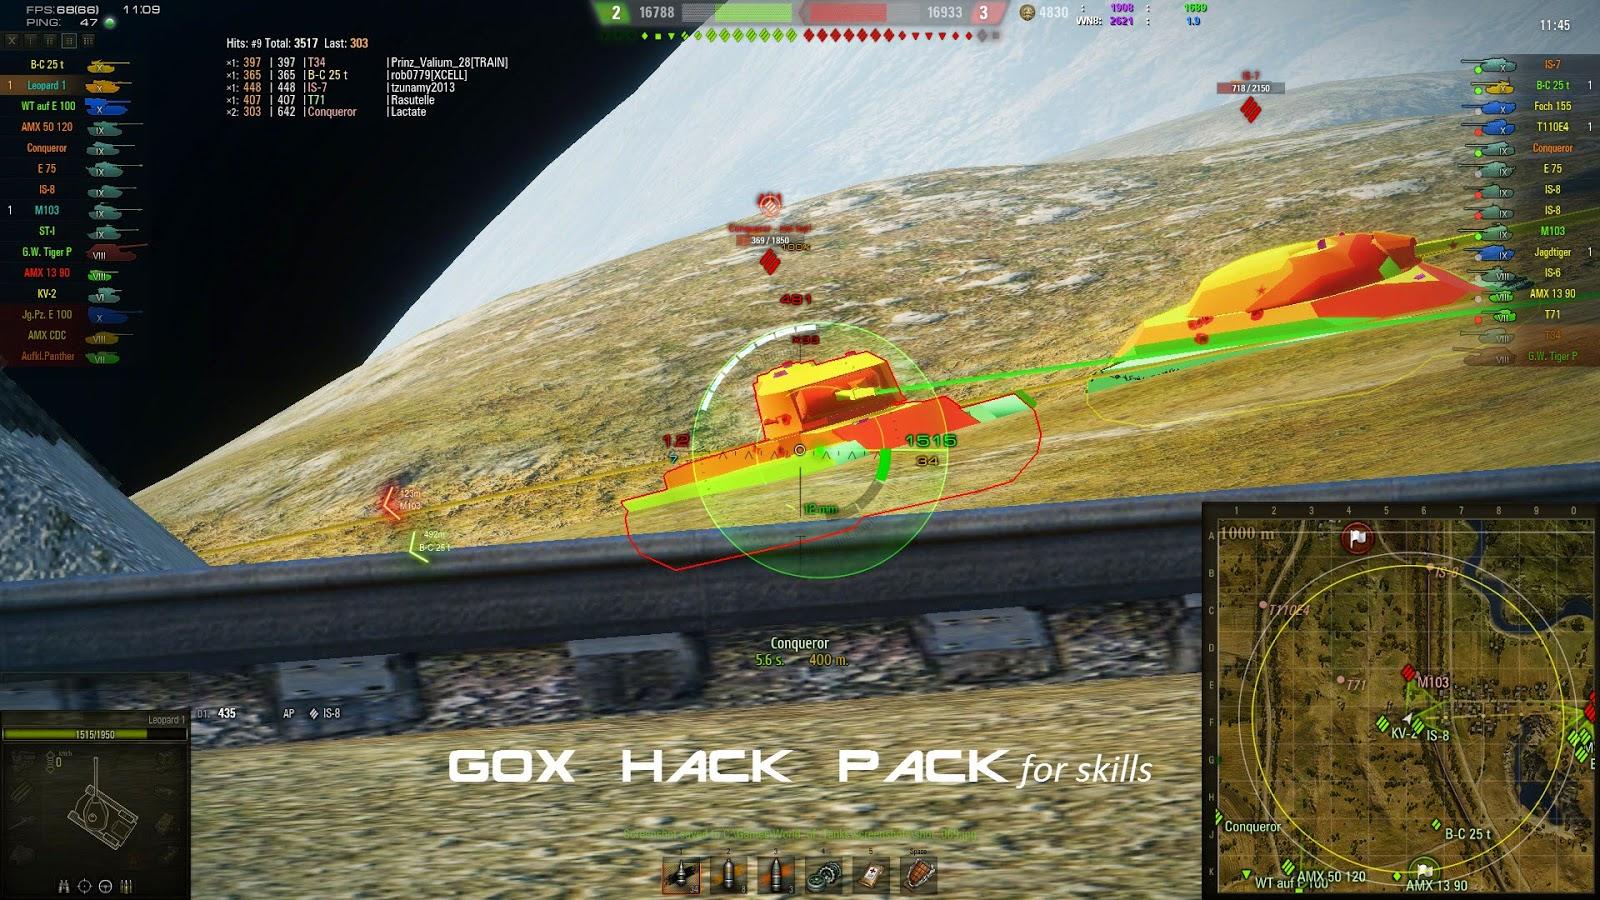 WarGaming-mods: WoT 9.14 Gox Hack Pack for skills v0.49